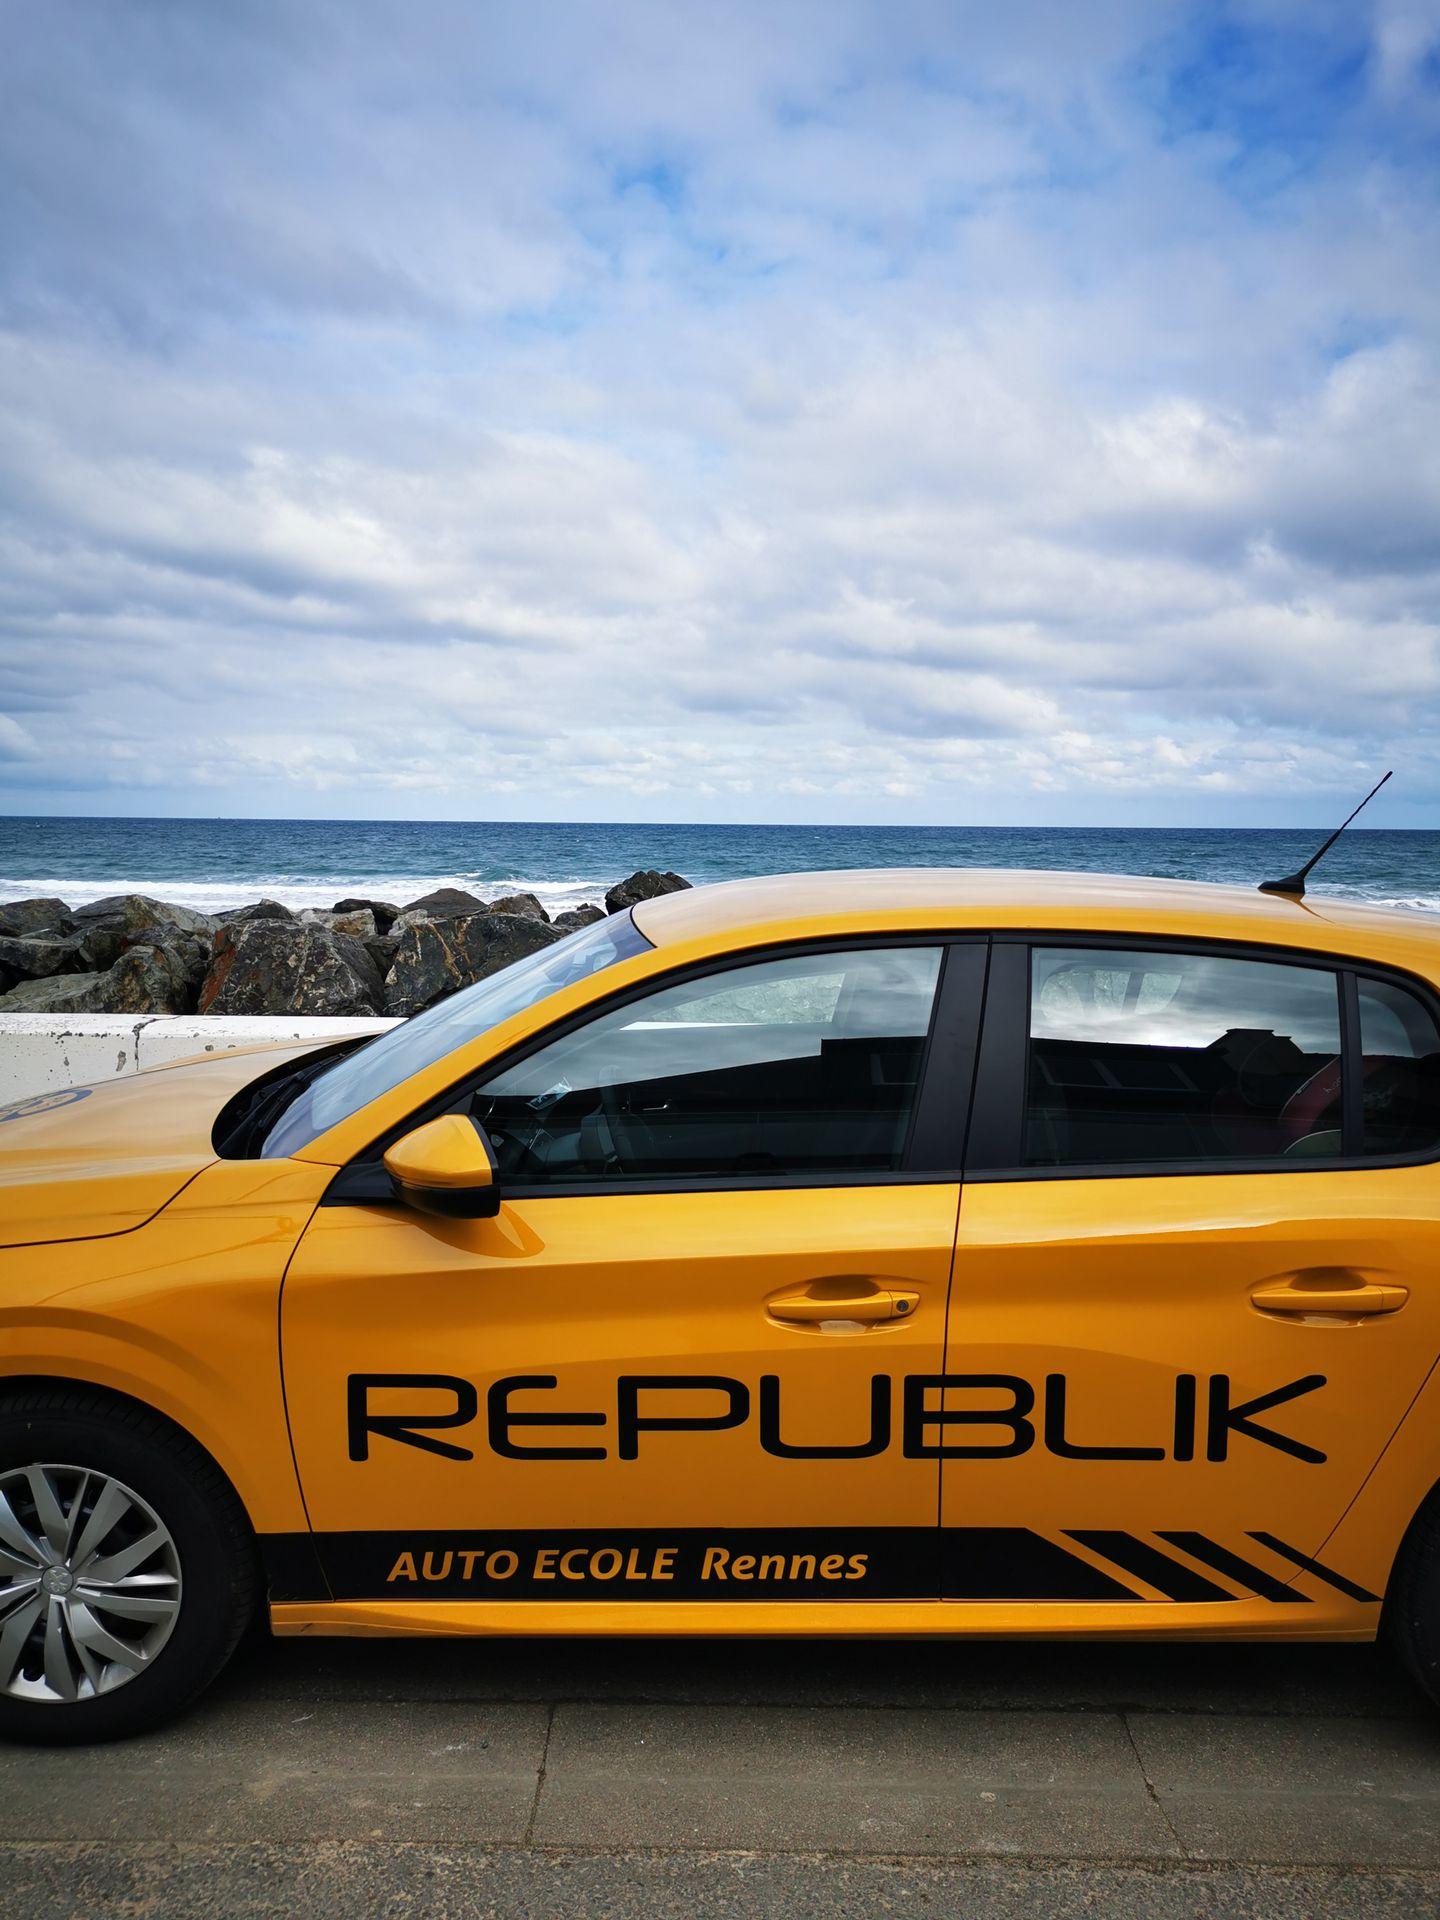 Auto Ecole Républik auto école